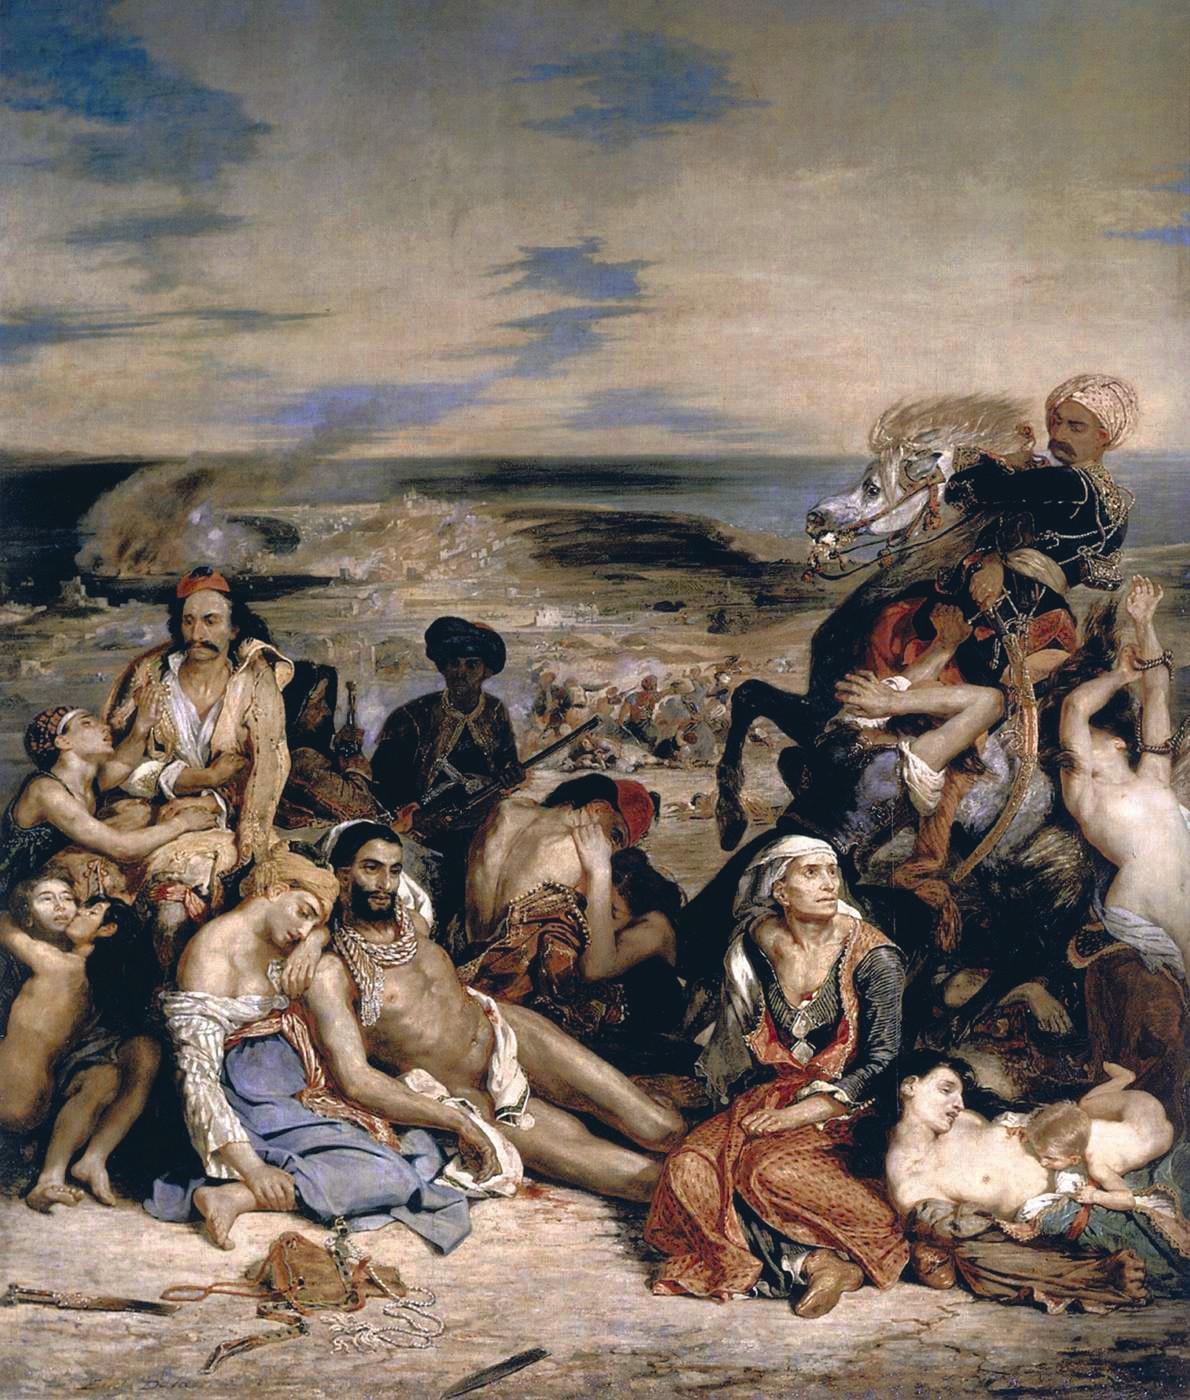 Eugène Delacroix, Scènes des massacres de Scio, 1823 - 1824, huile sur toile, 419 × 354 cm, musée du Louvre, Paris.